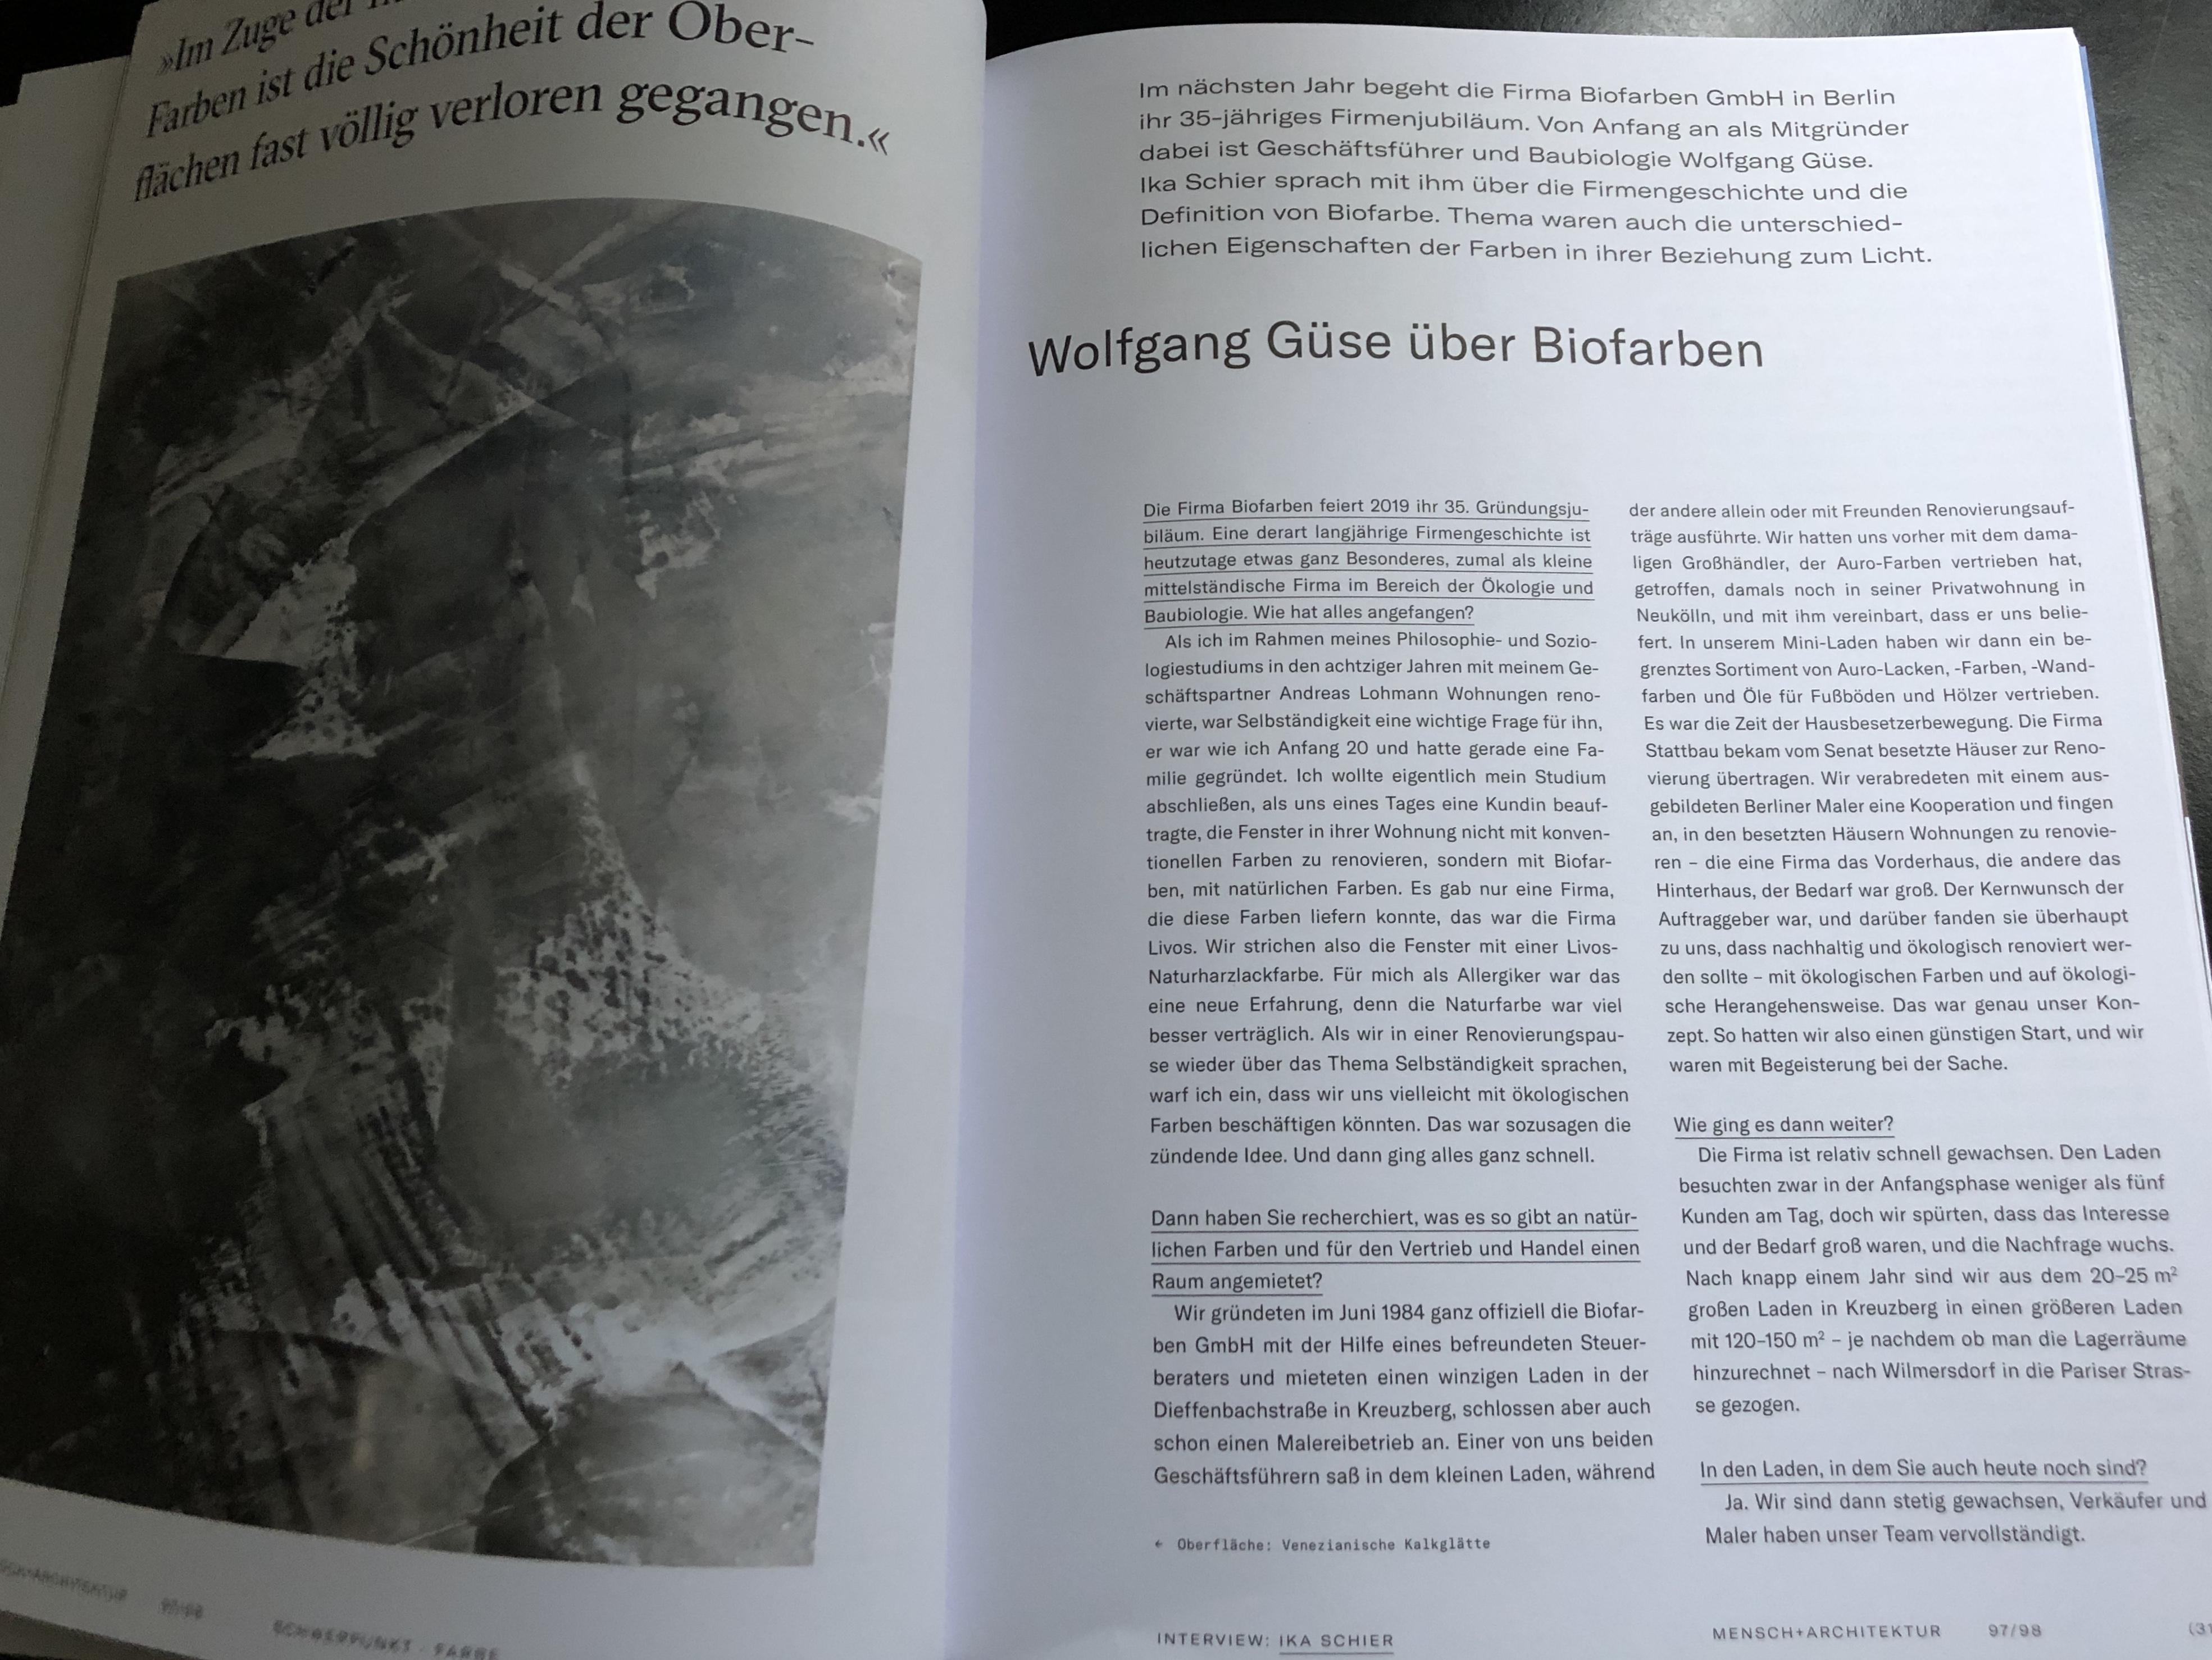 Ein Beitrag über Biofarben in Mensch + Architektur